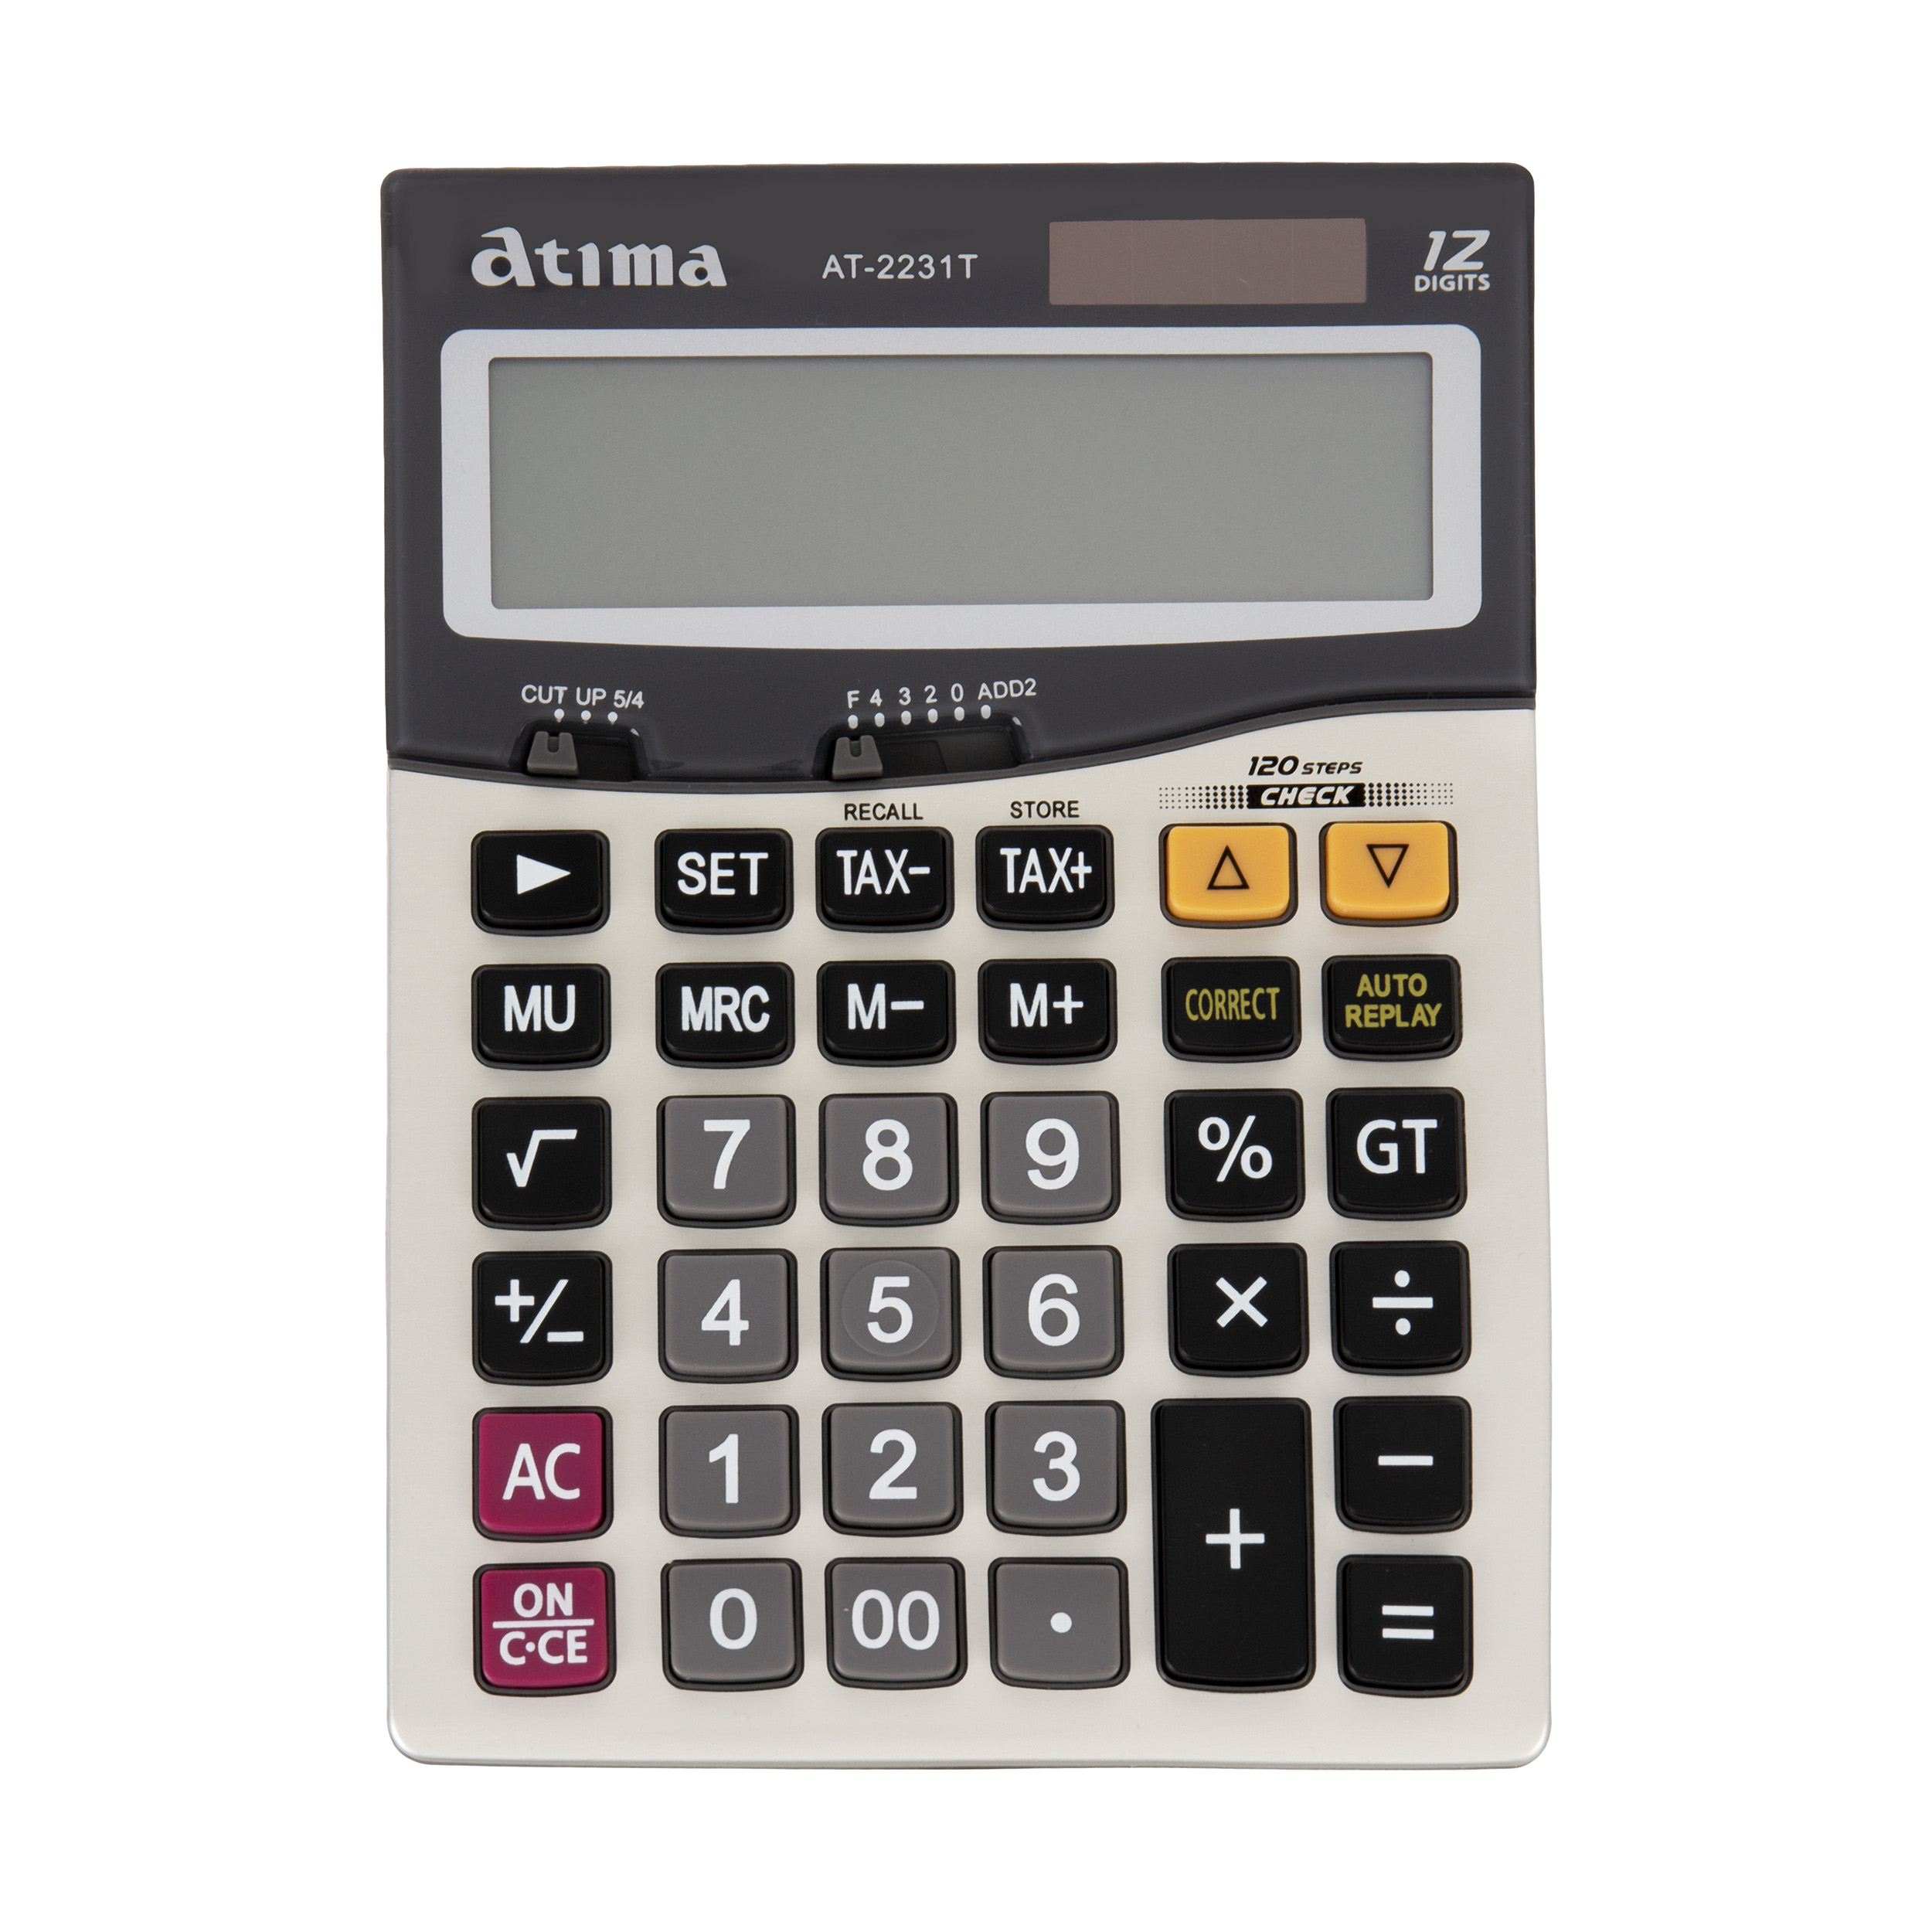 ماشین حساب آتیما مدل AT-2231T